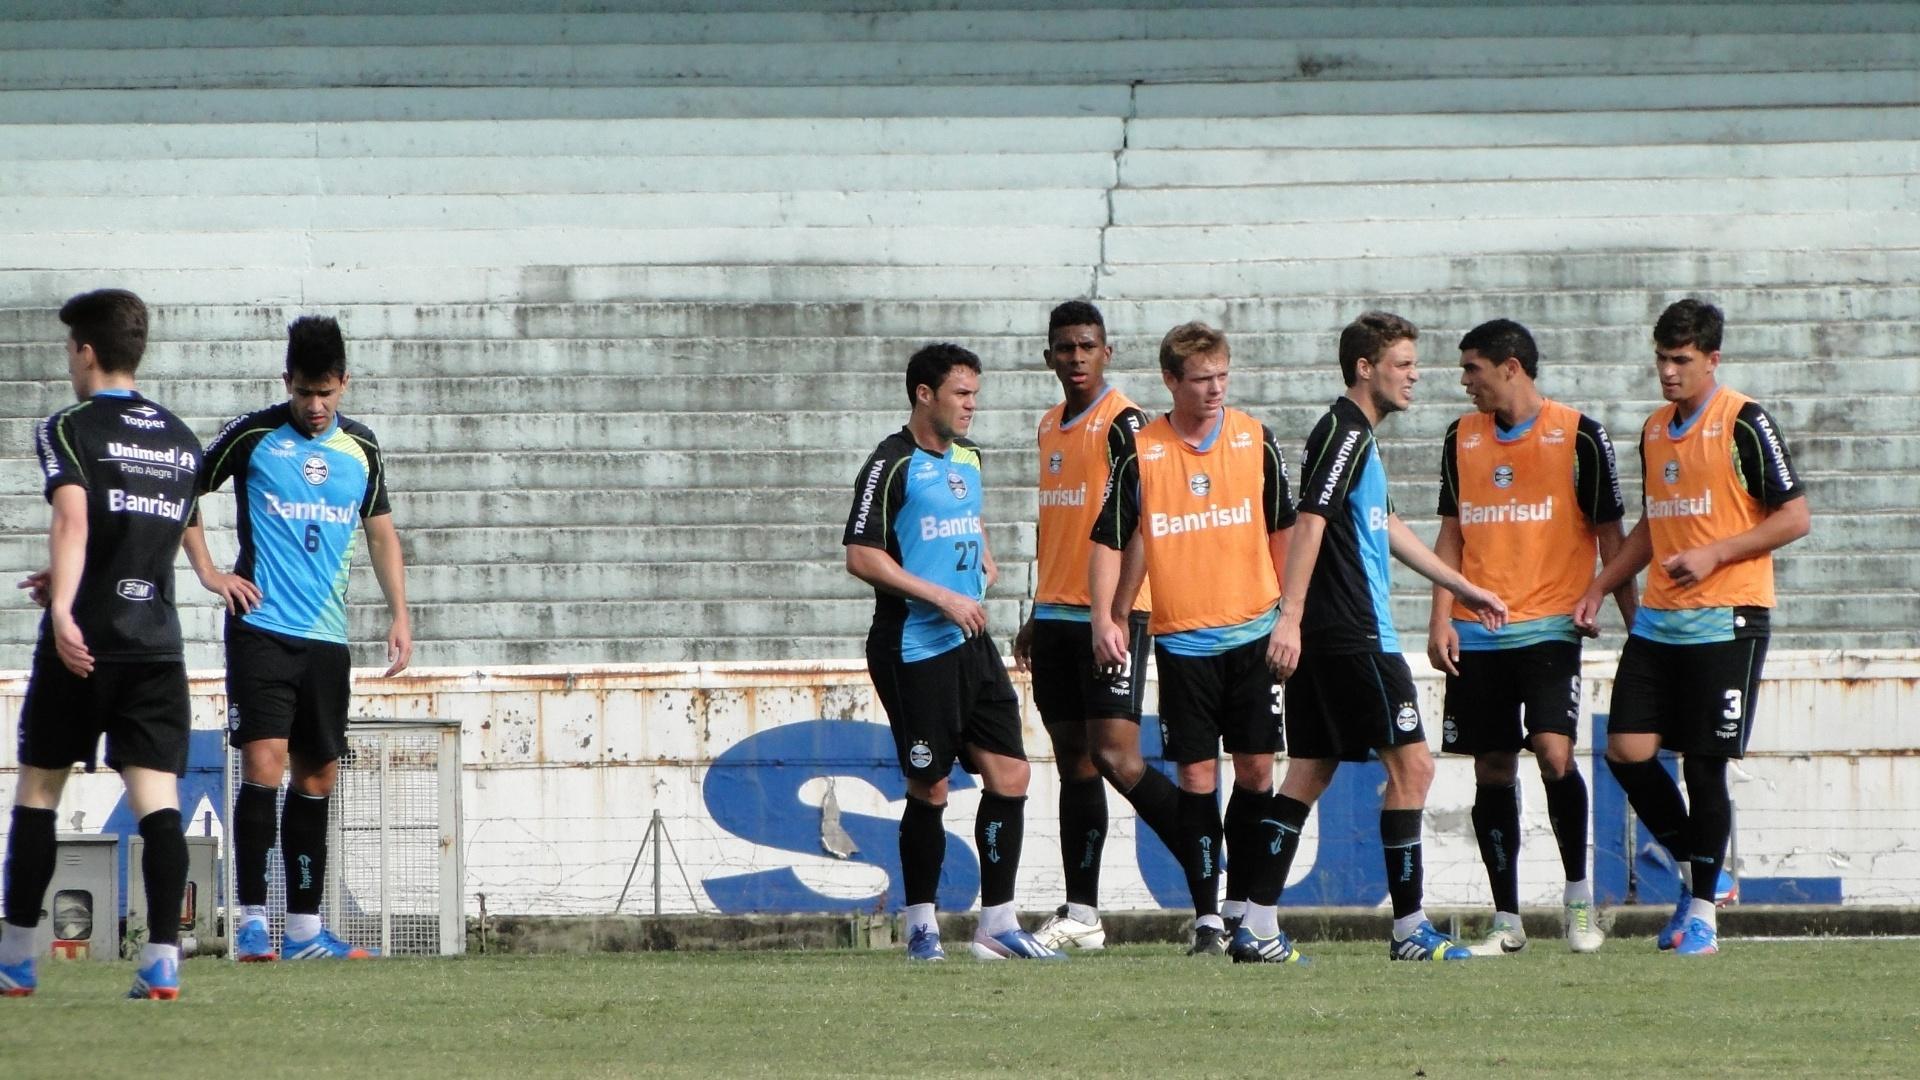 Atacante Kleber durante treino dos reservas do Grêmio no gramado principal do estádio Olímpico (17/10/2013)